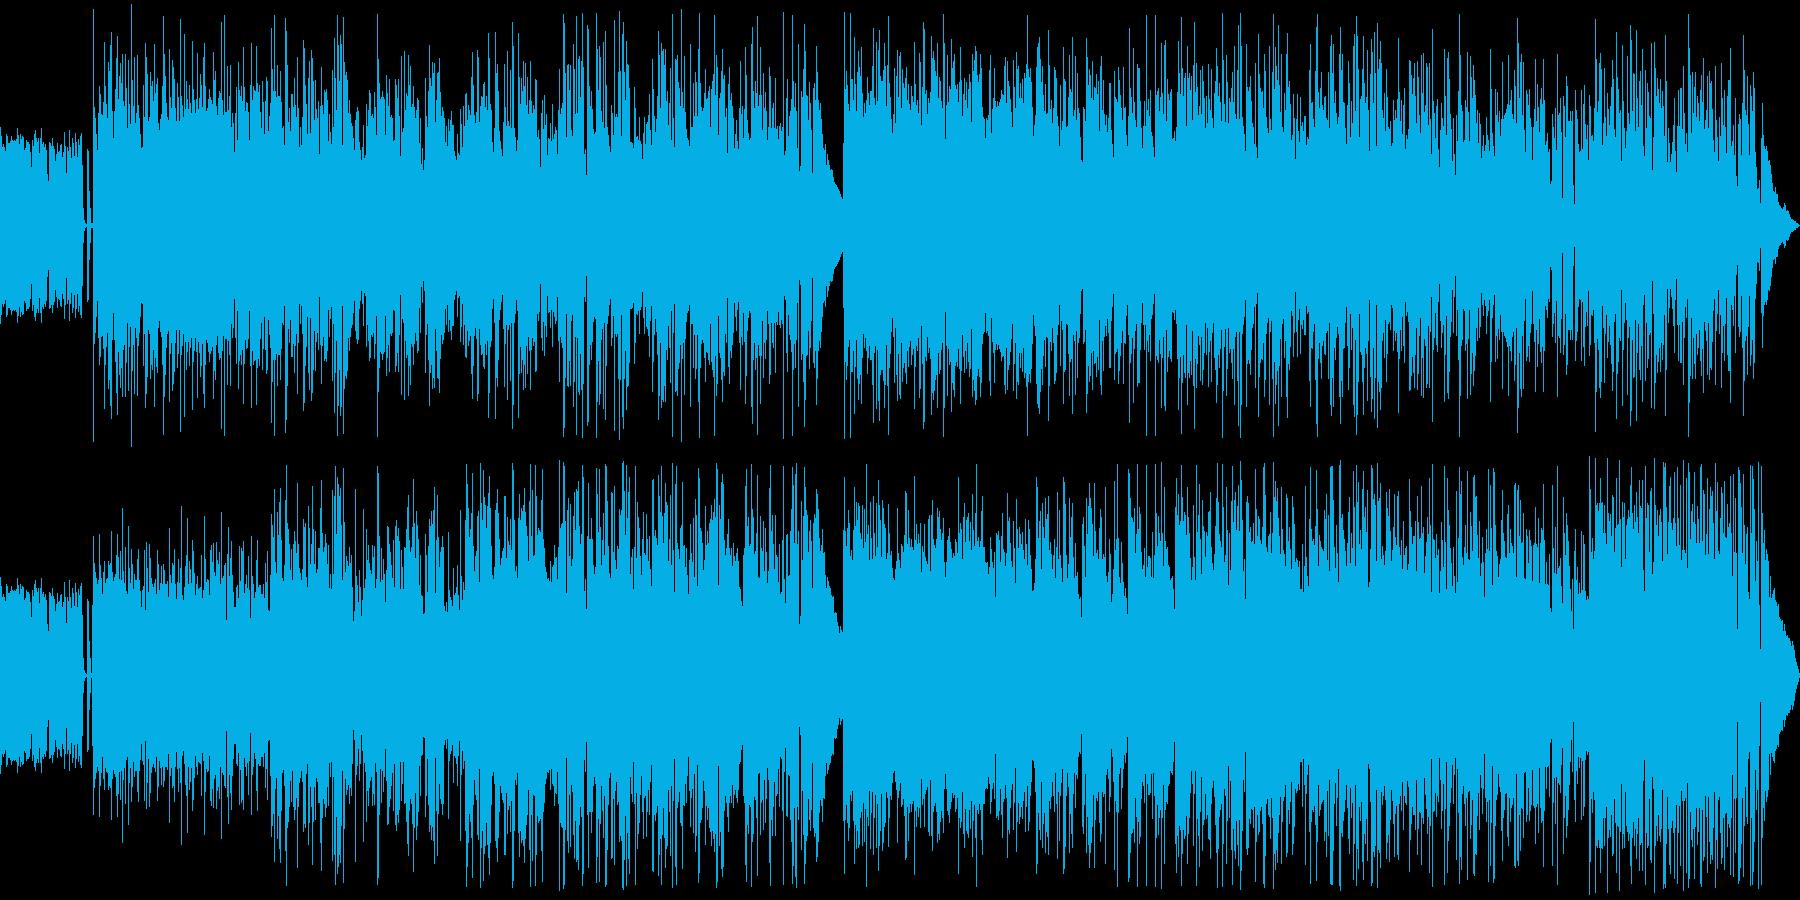 アコースティックギターとヴォーカルの楽曲の再生済みの波形